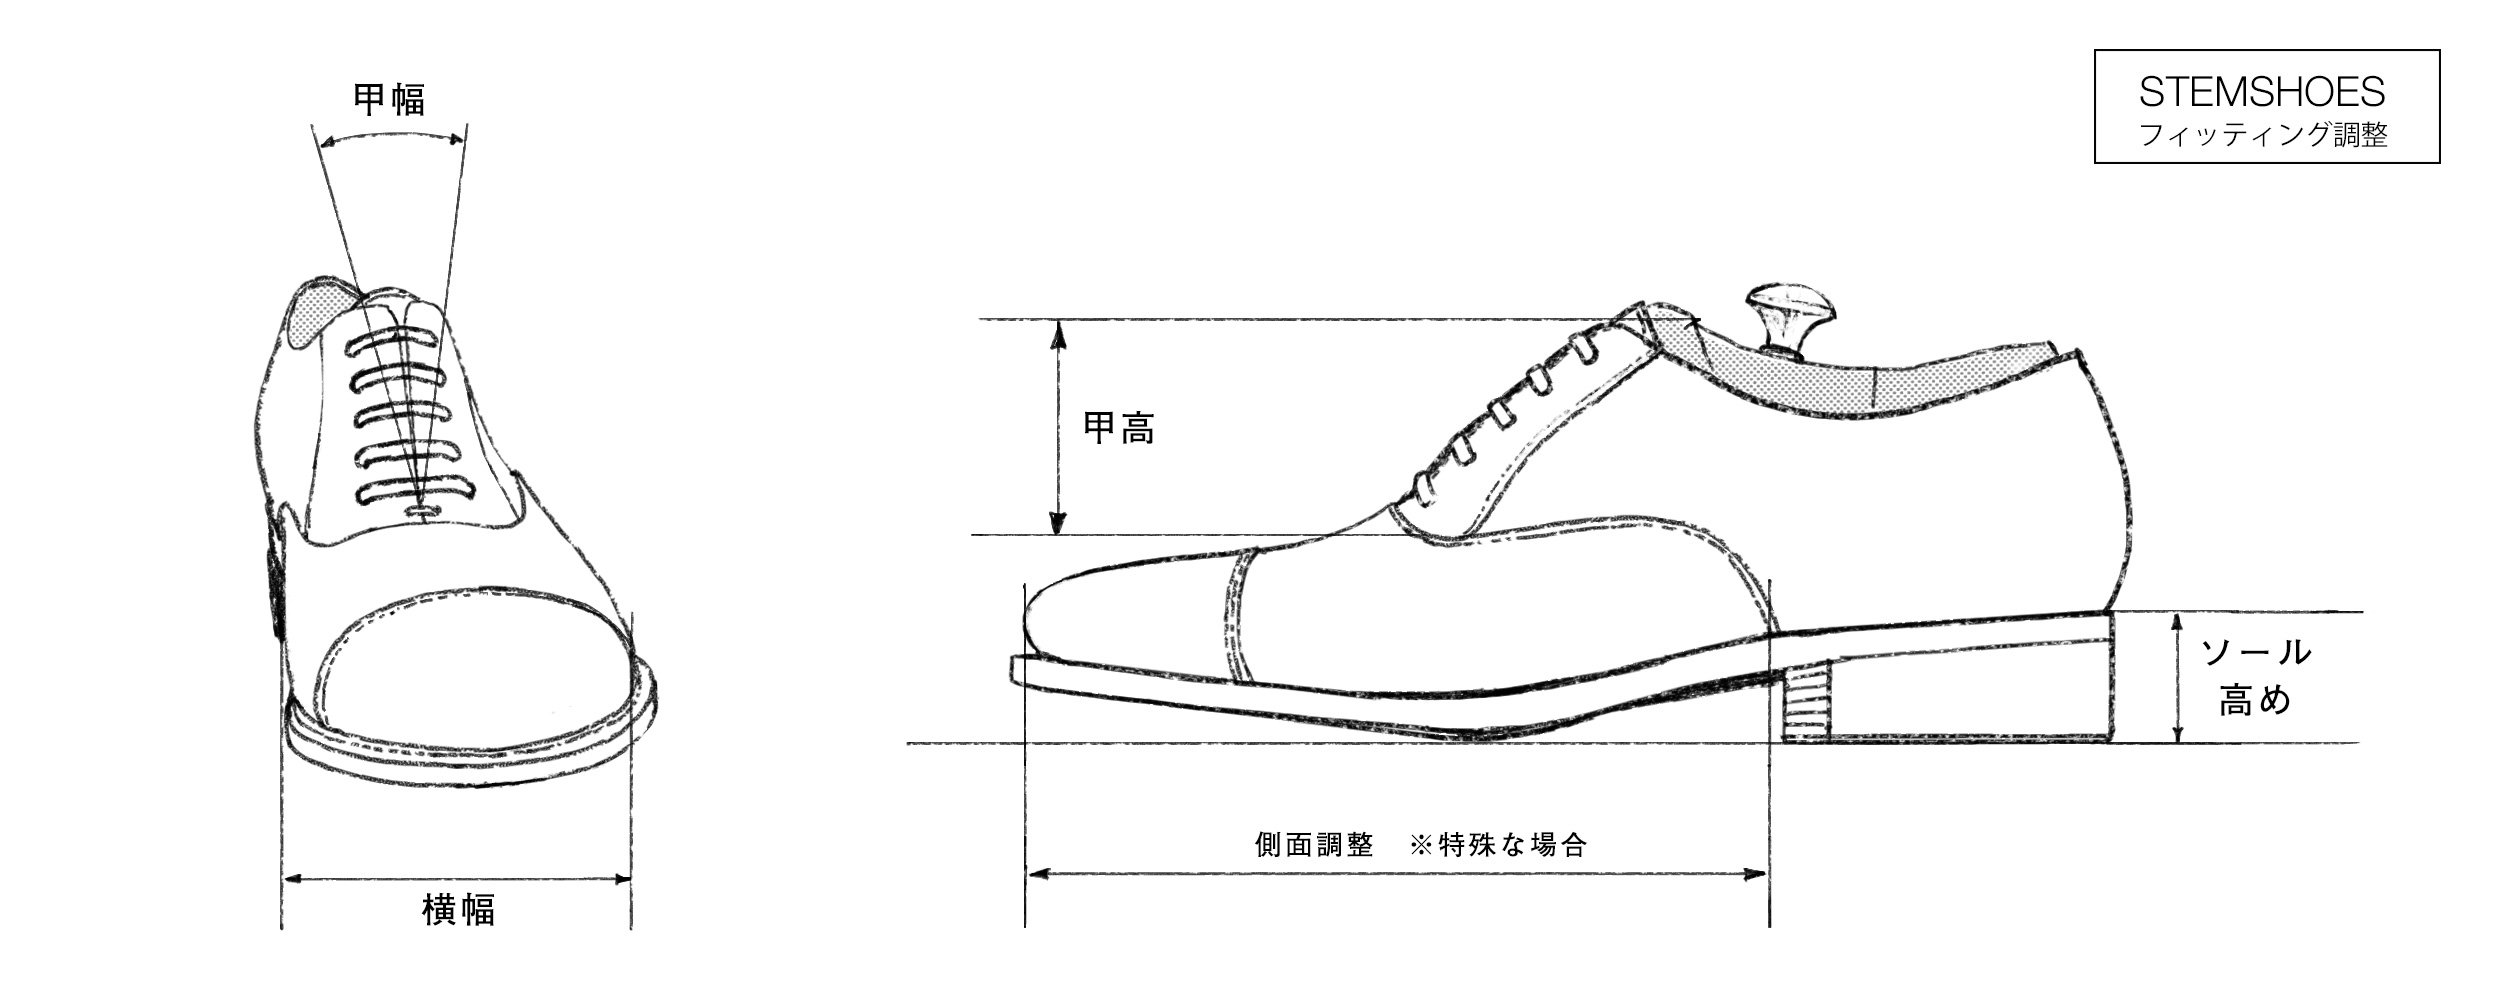 stemshoes_design